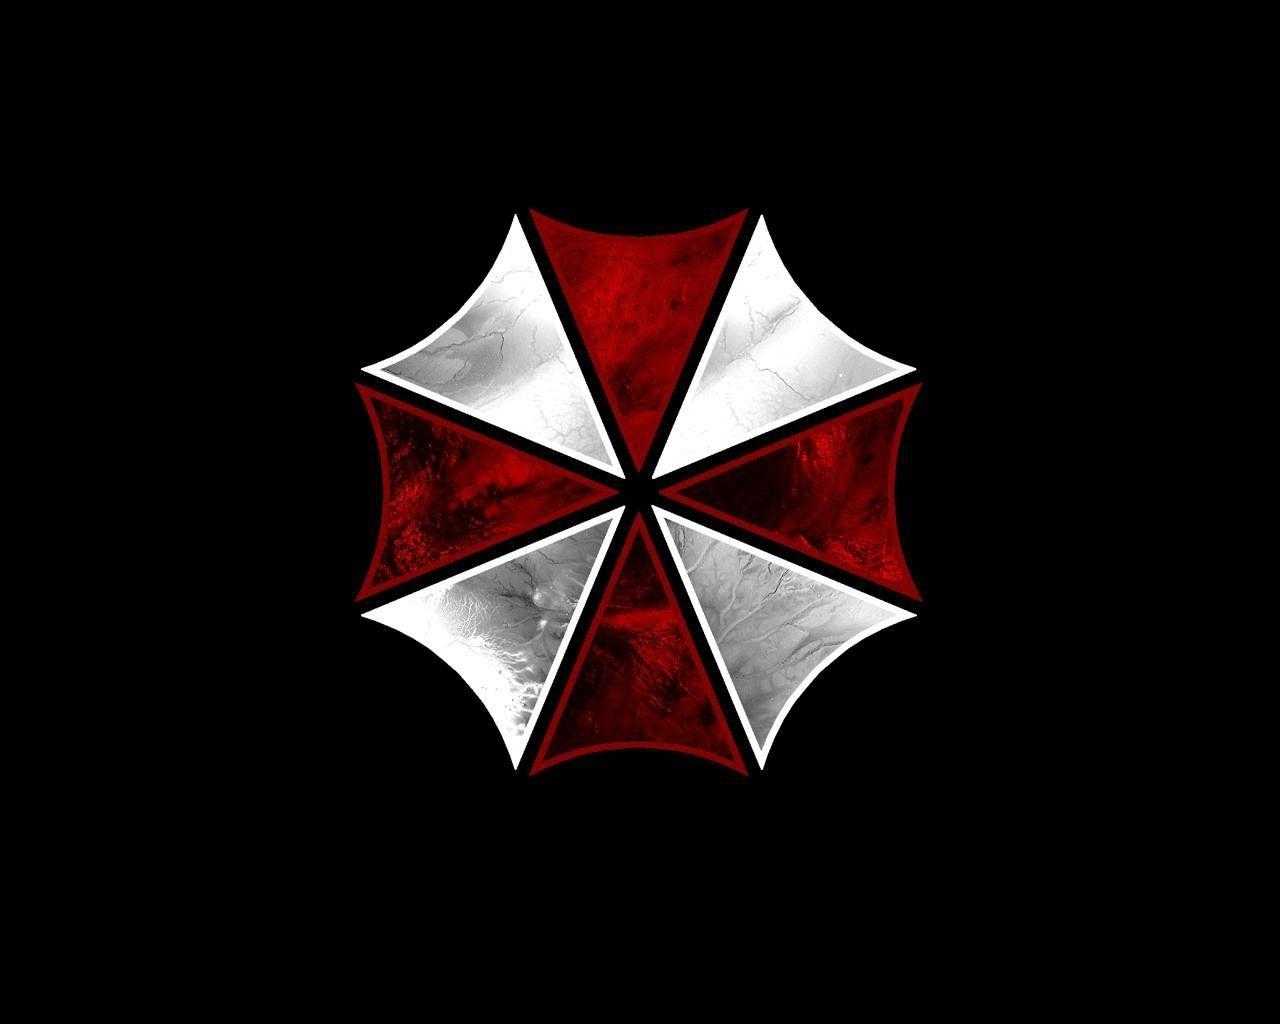 Hd wallpaper resident evil - Resident Evil Wallpaper Resident Evil Wallpapers Free